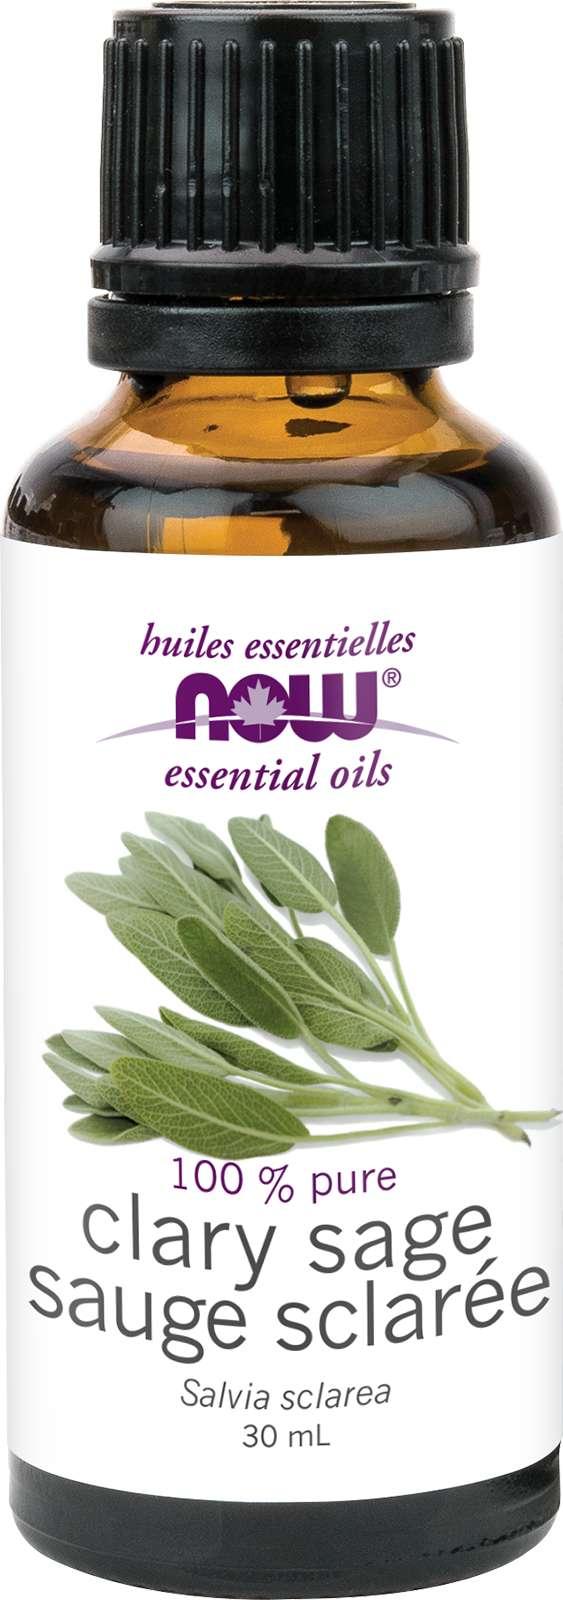 Clary Sage Oil (Salvia sclarea) 30mL